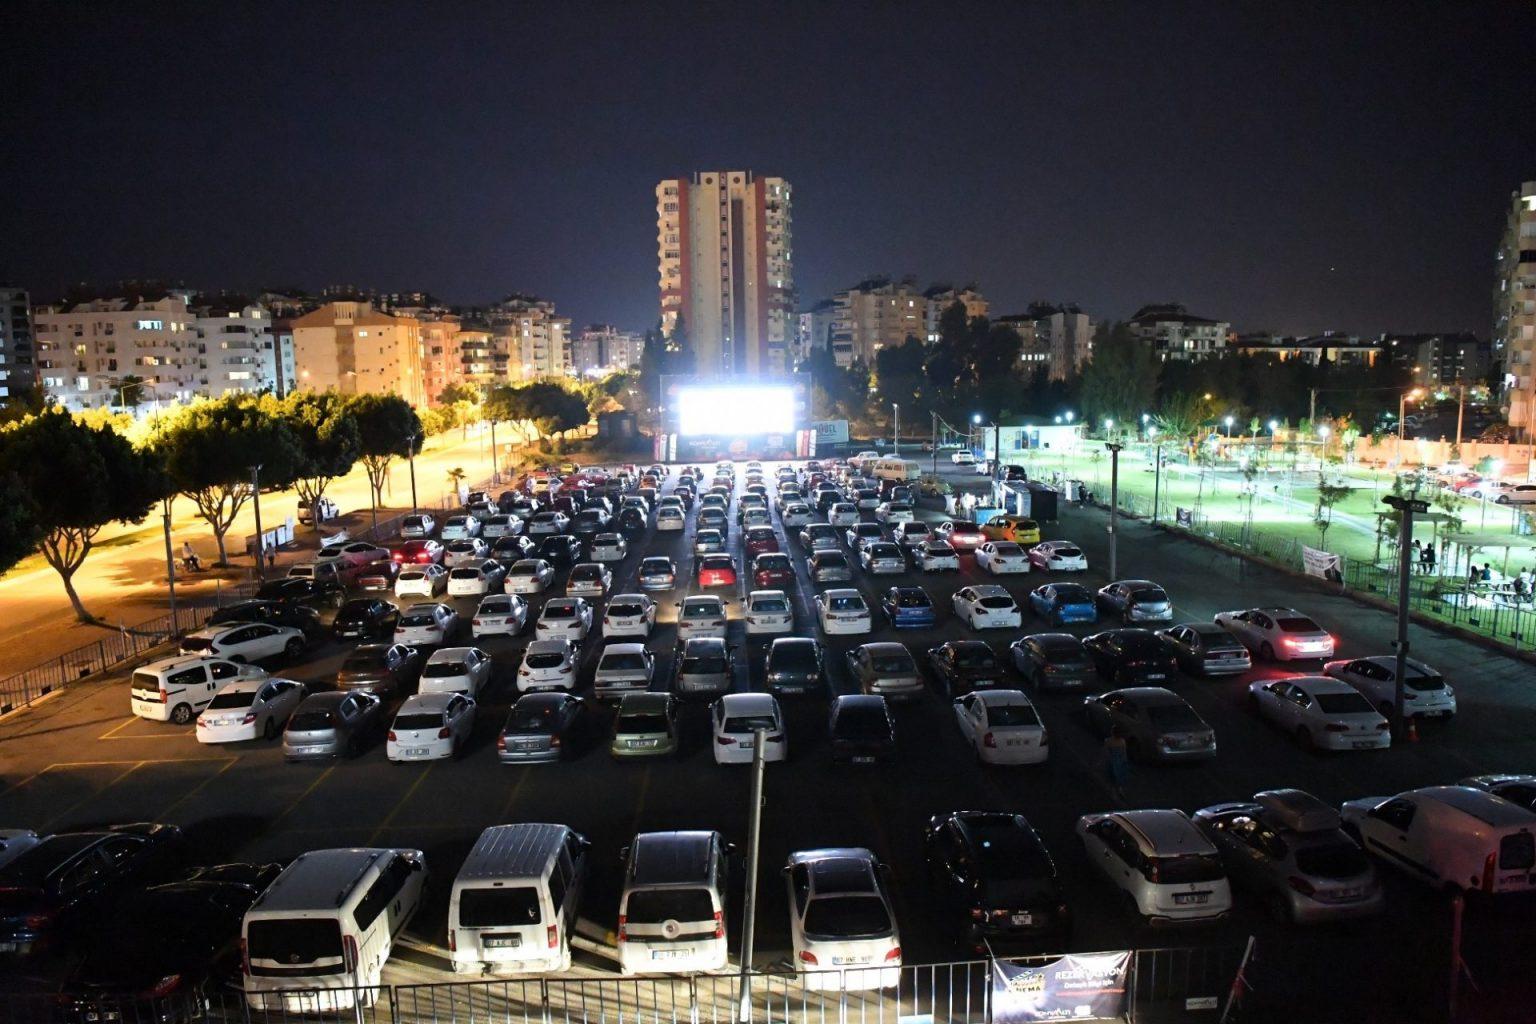 Arabadan sinema izlemek yaygınlaşıyor. - ozelkalem.com.tr